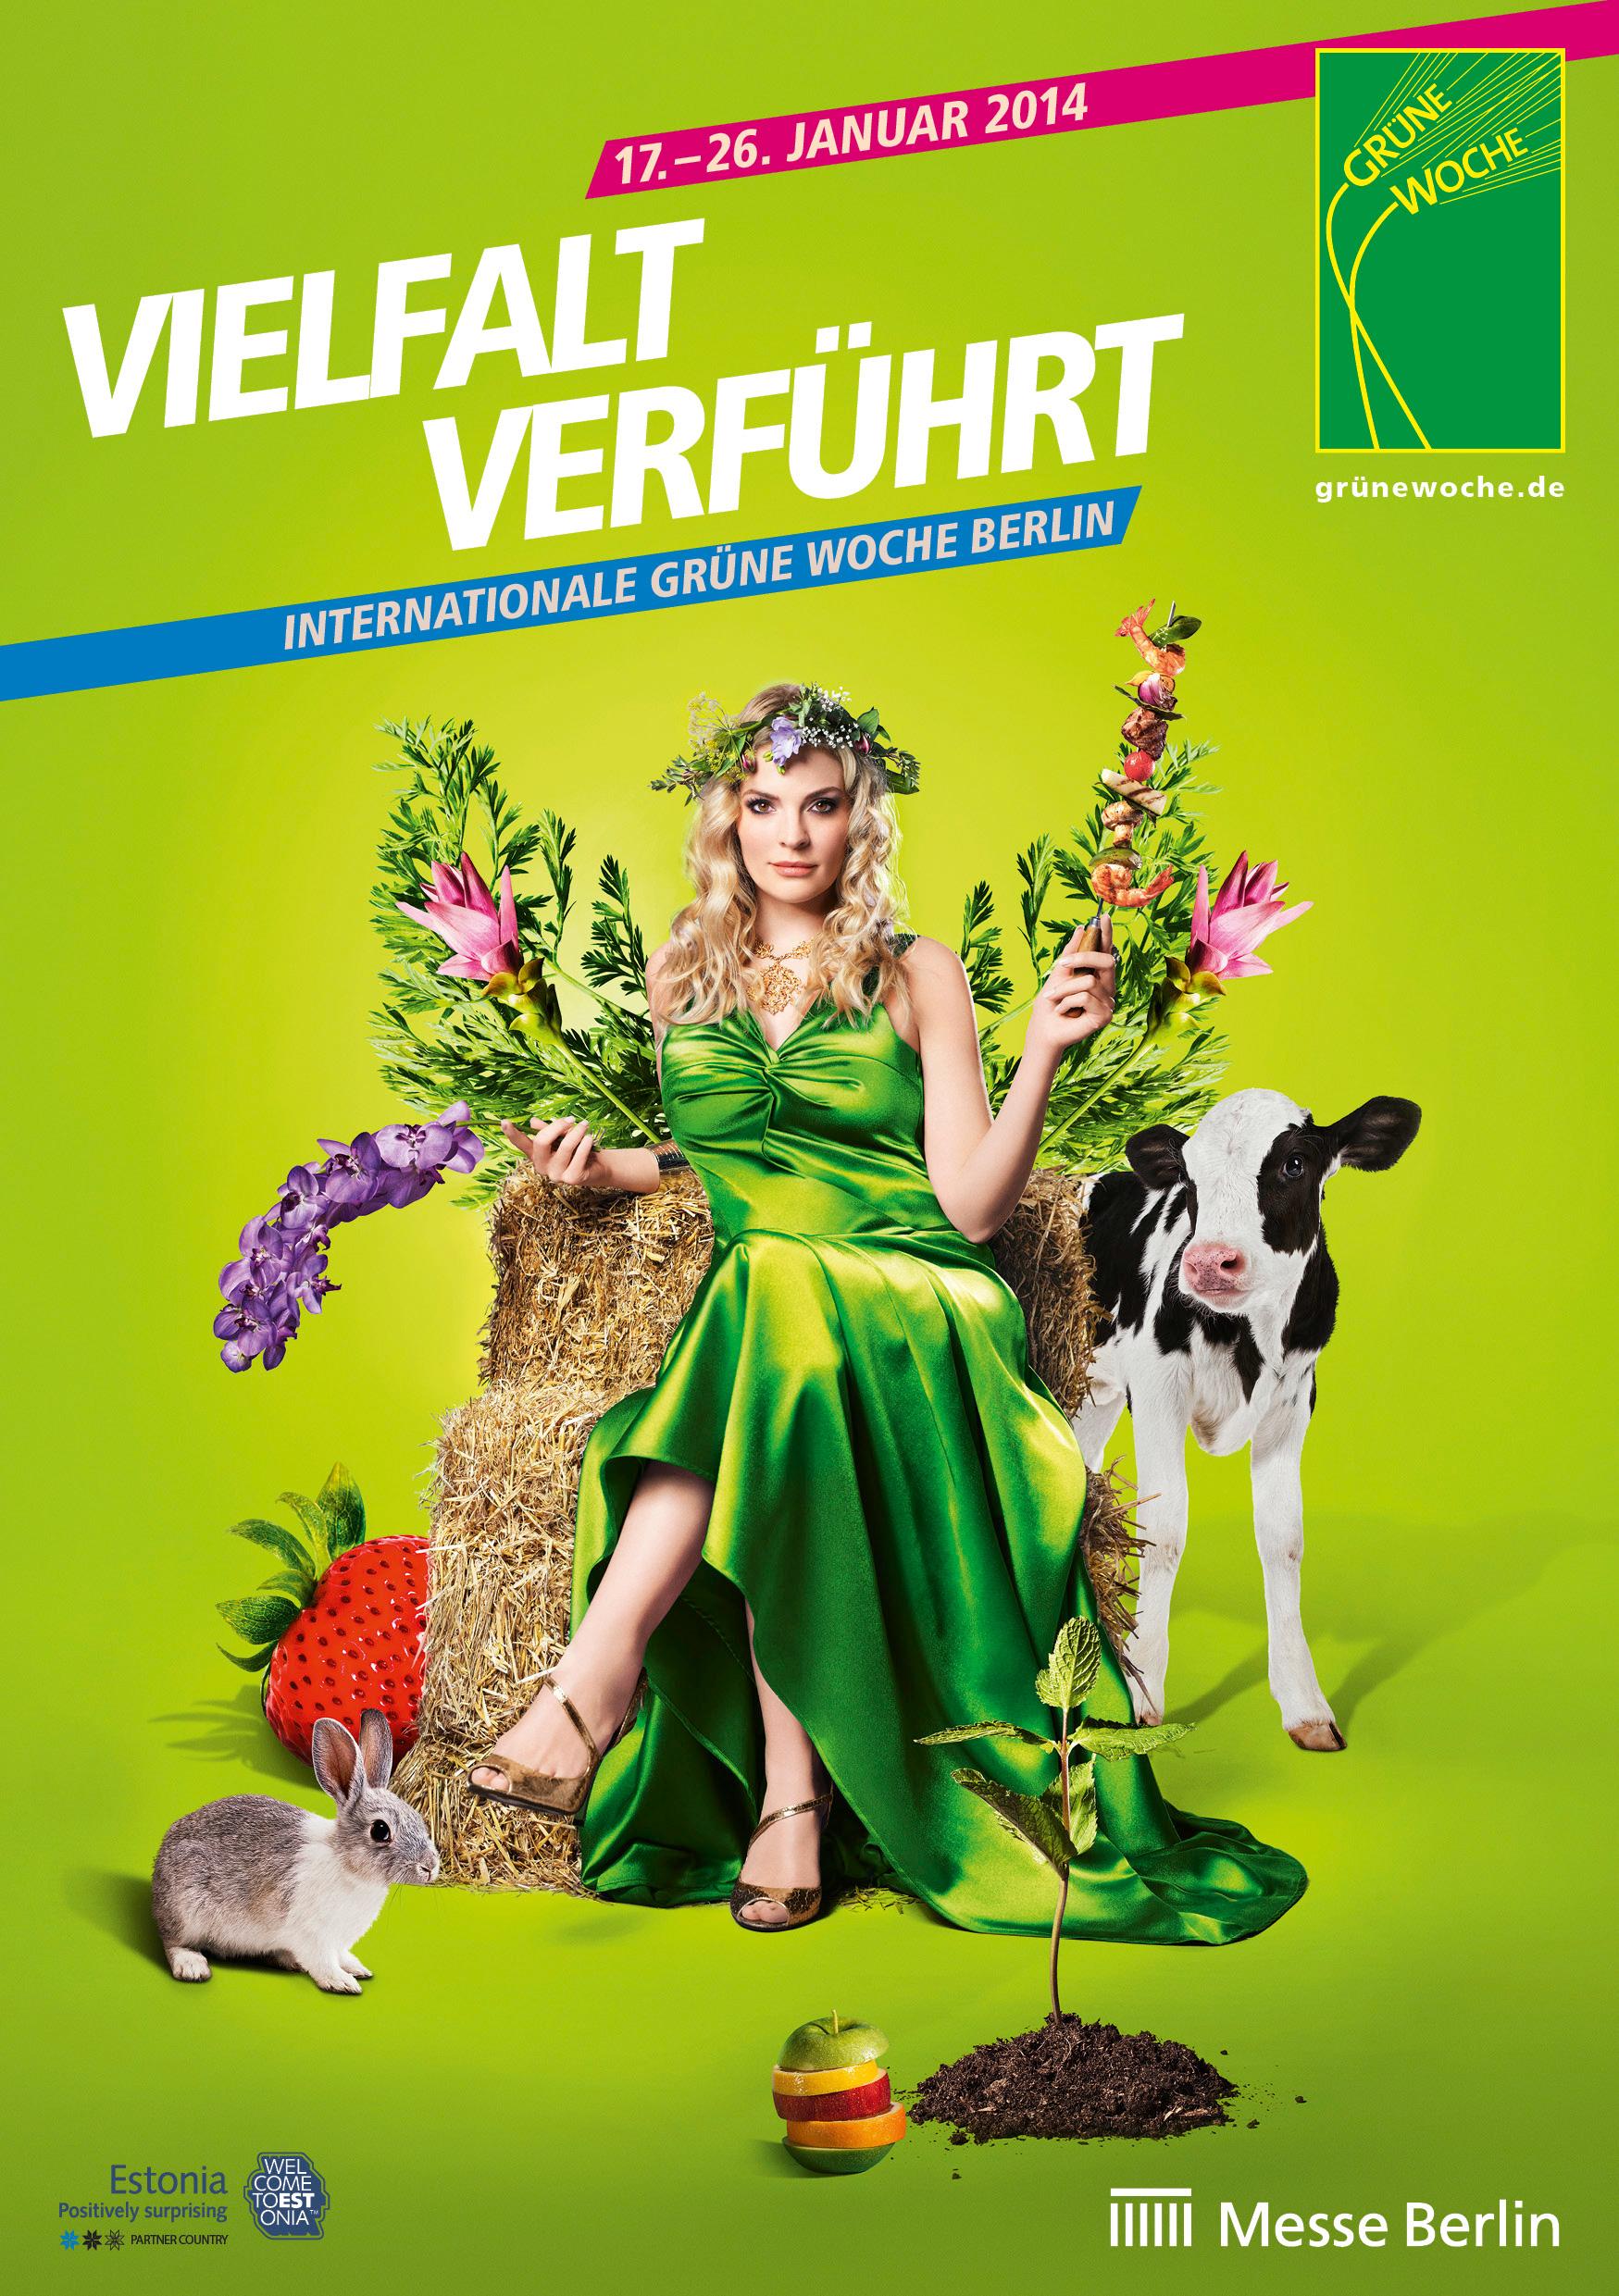 Bild Neuer Baden-Württemberg-Auftritt auf der Grünen Woche in Berlin